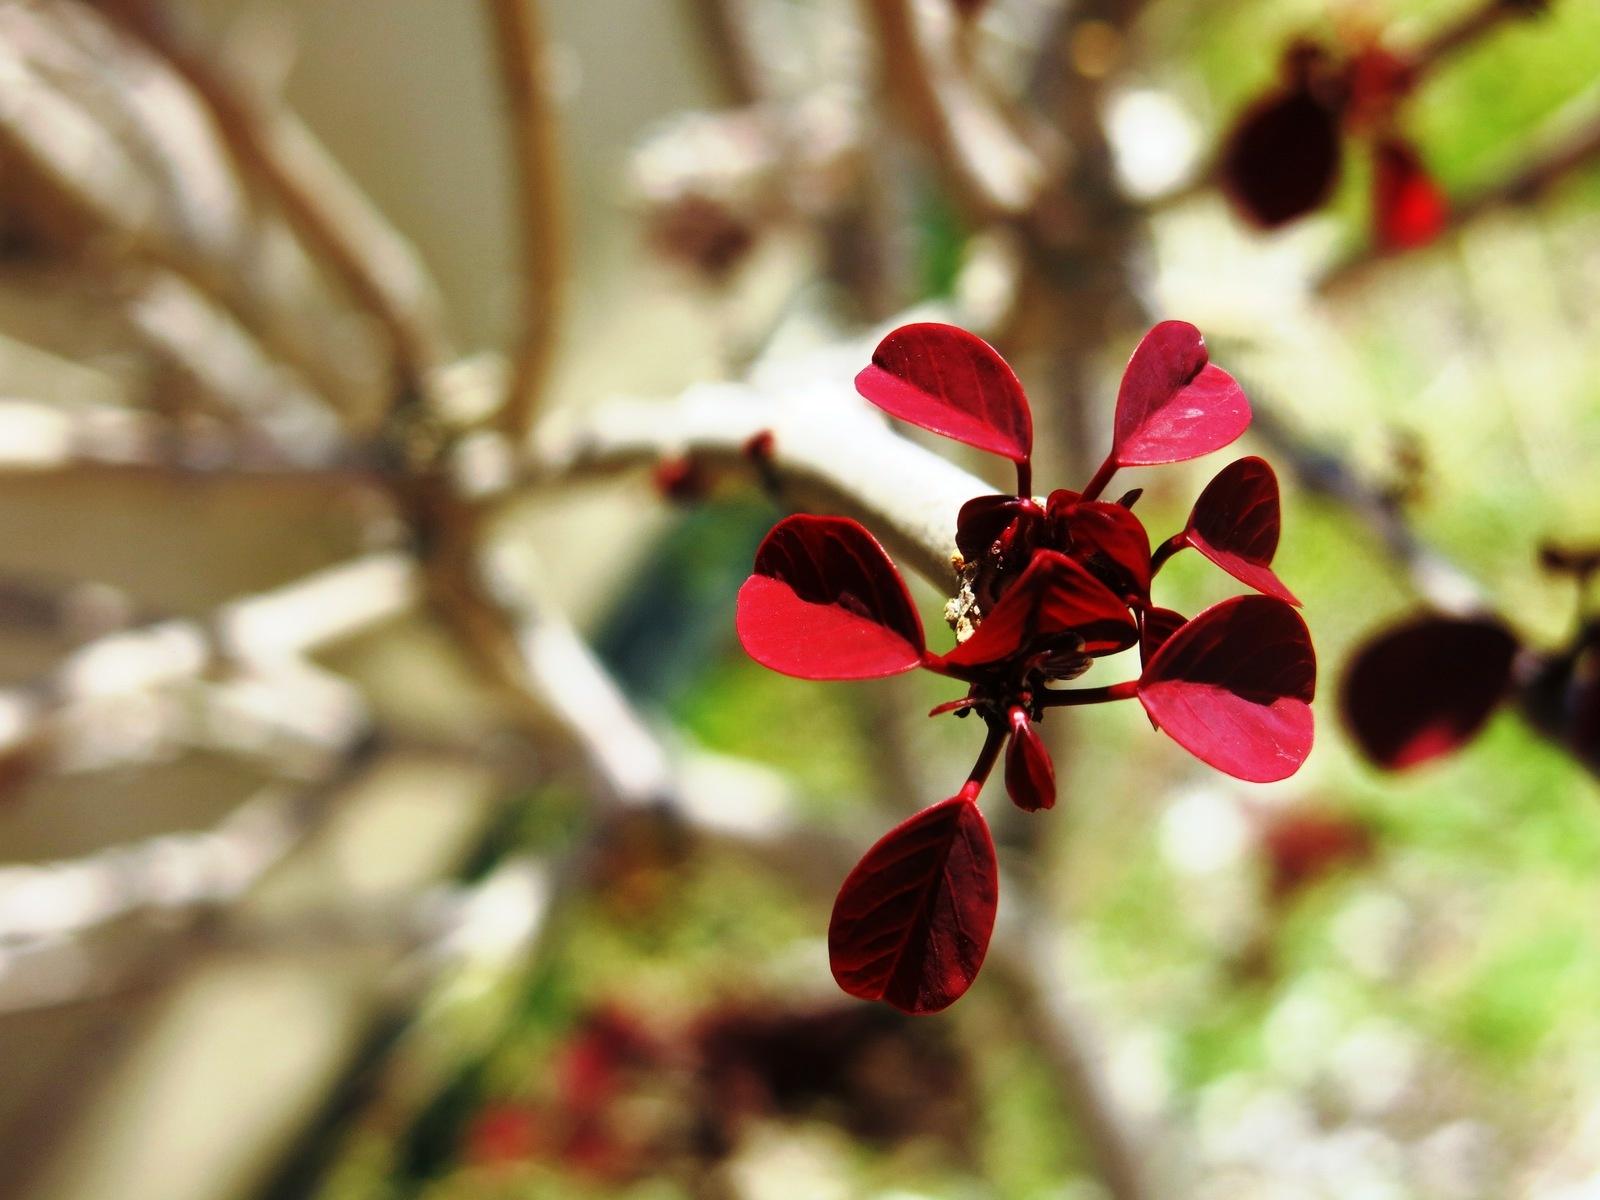 terre sainte en israel Faune et flore Feuille rouge